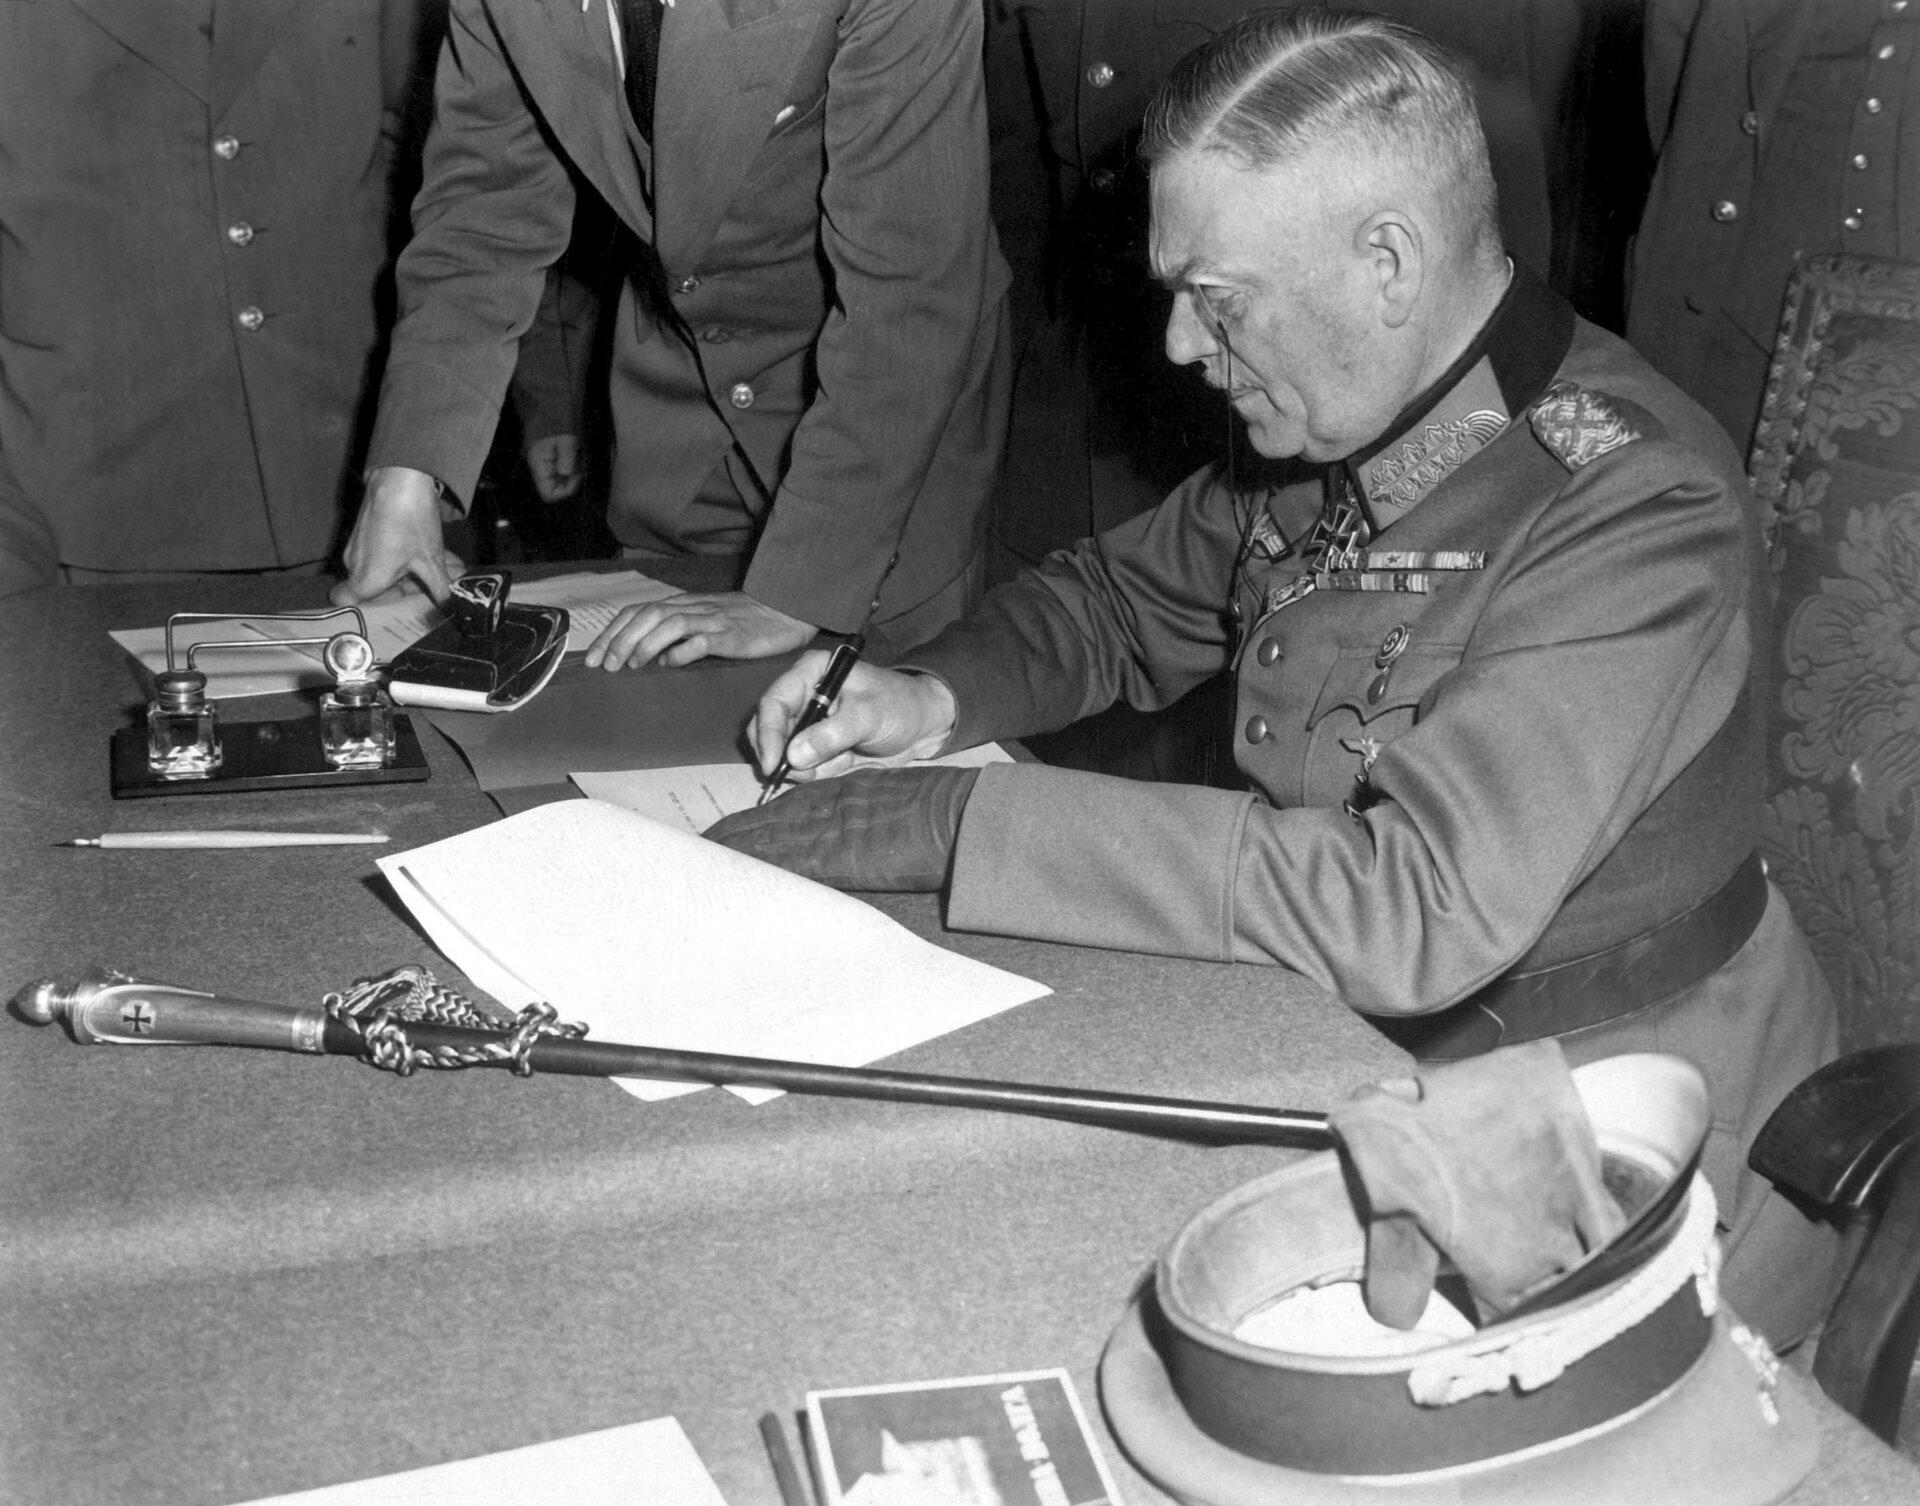 Feldmarszałek Wilhelm Keitel podpisuje akt kapitulacji Niemiec Zdjęcie nr 2 Źródło: Lt. Moore (US Army), Feldmarszałek Wilhelm Keitel podpisuje akt kapitulacji Niemiec, National Archives and Records Administration, licencja: CC 0.